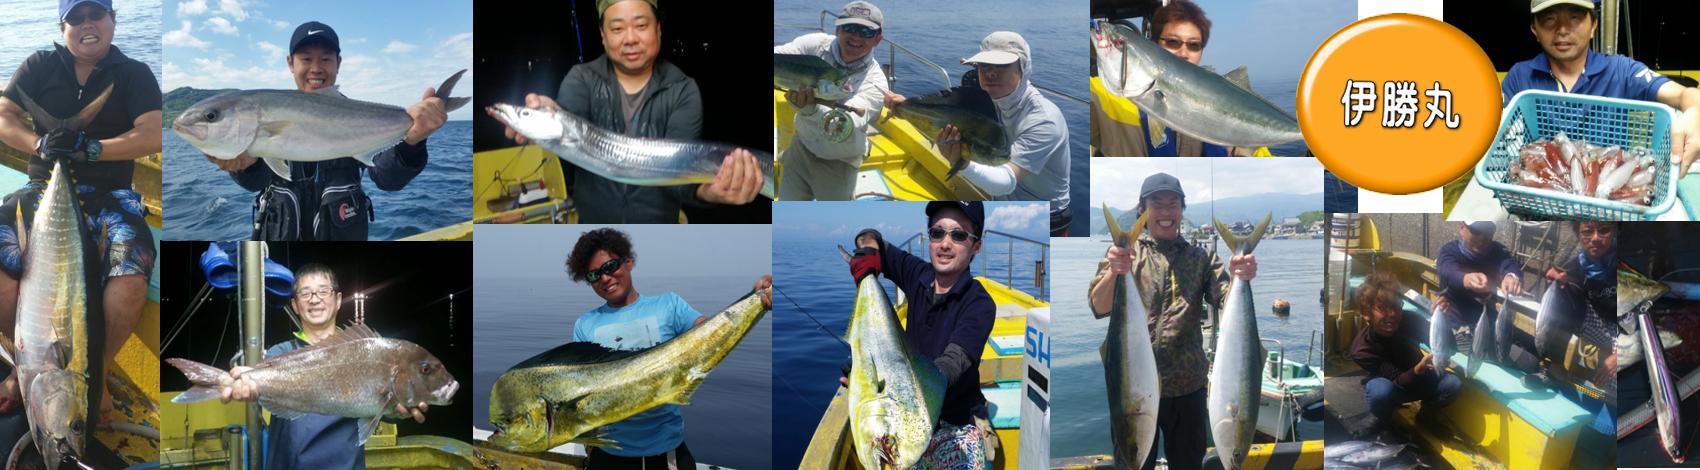 夏の釣りもの